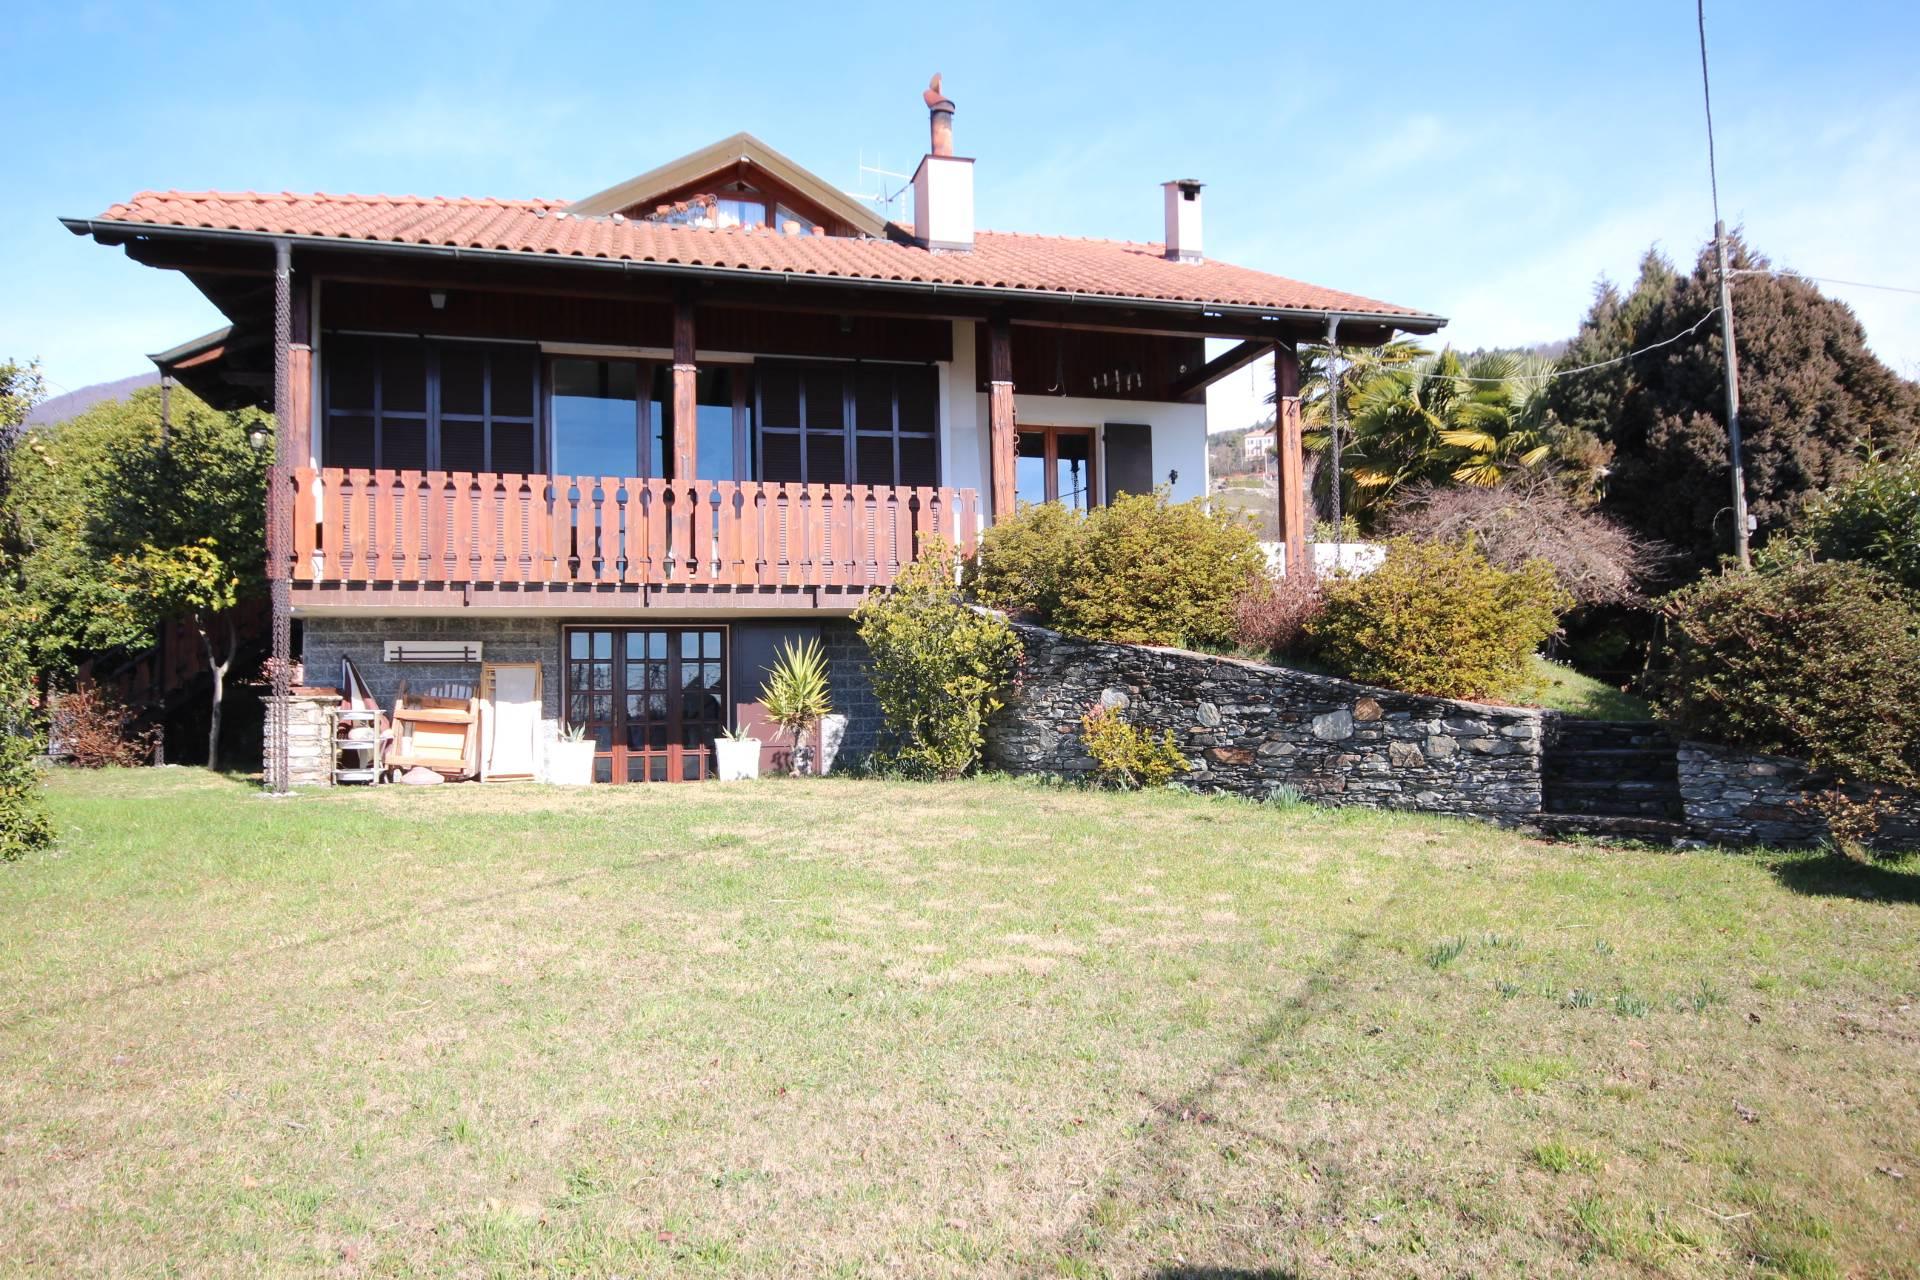 Soluzione Indipendente in vendita a Ghiffa, 7 locali, zona Zona: Susello, prezzo € 380.000 | CambioCasa.it